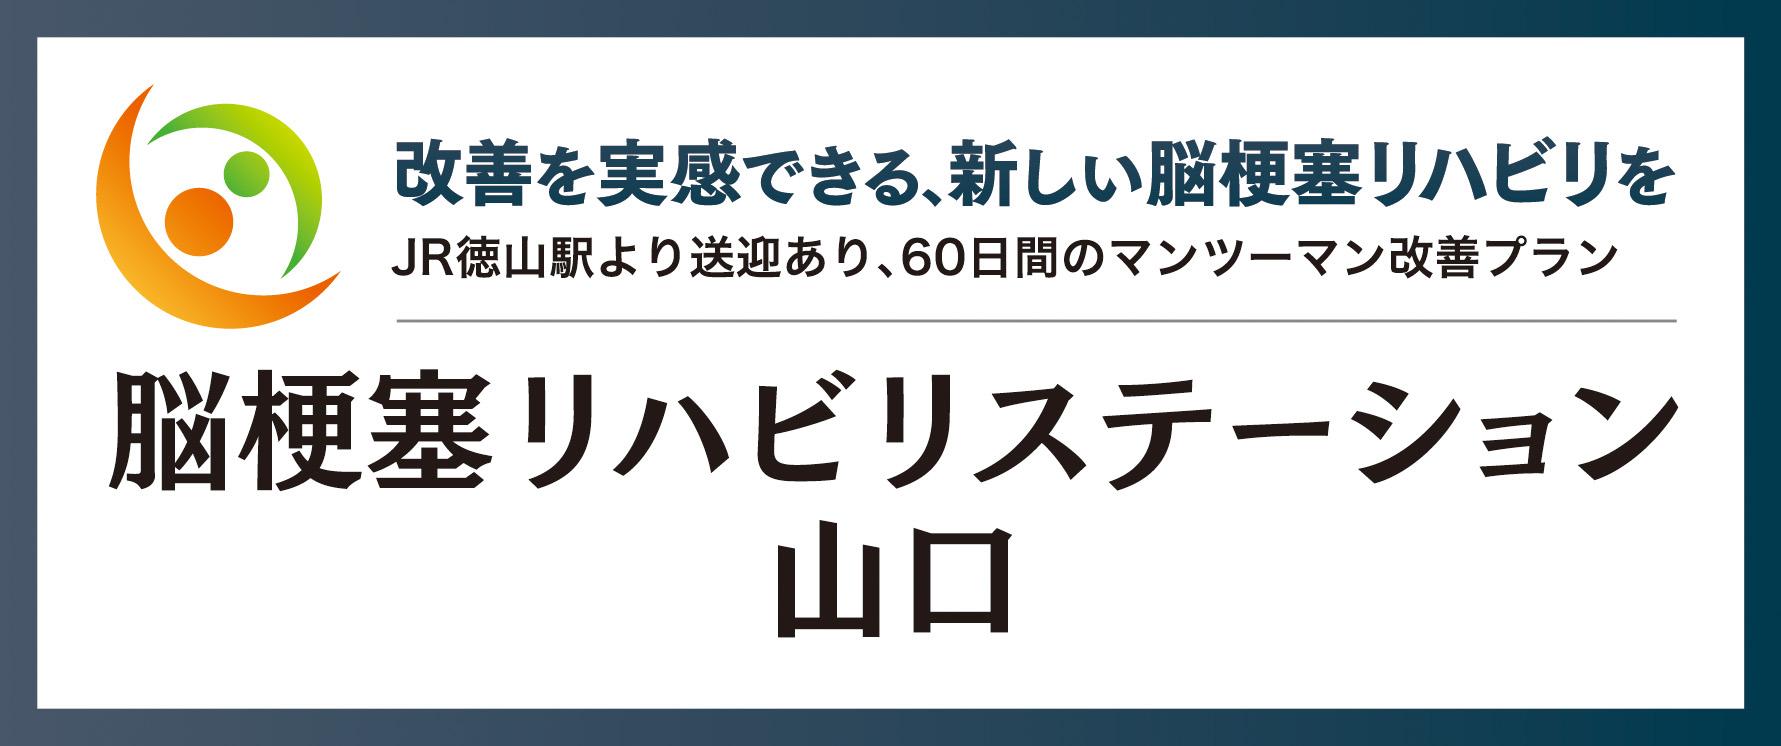 ロゴバナー 02(rgb)